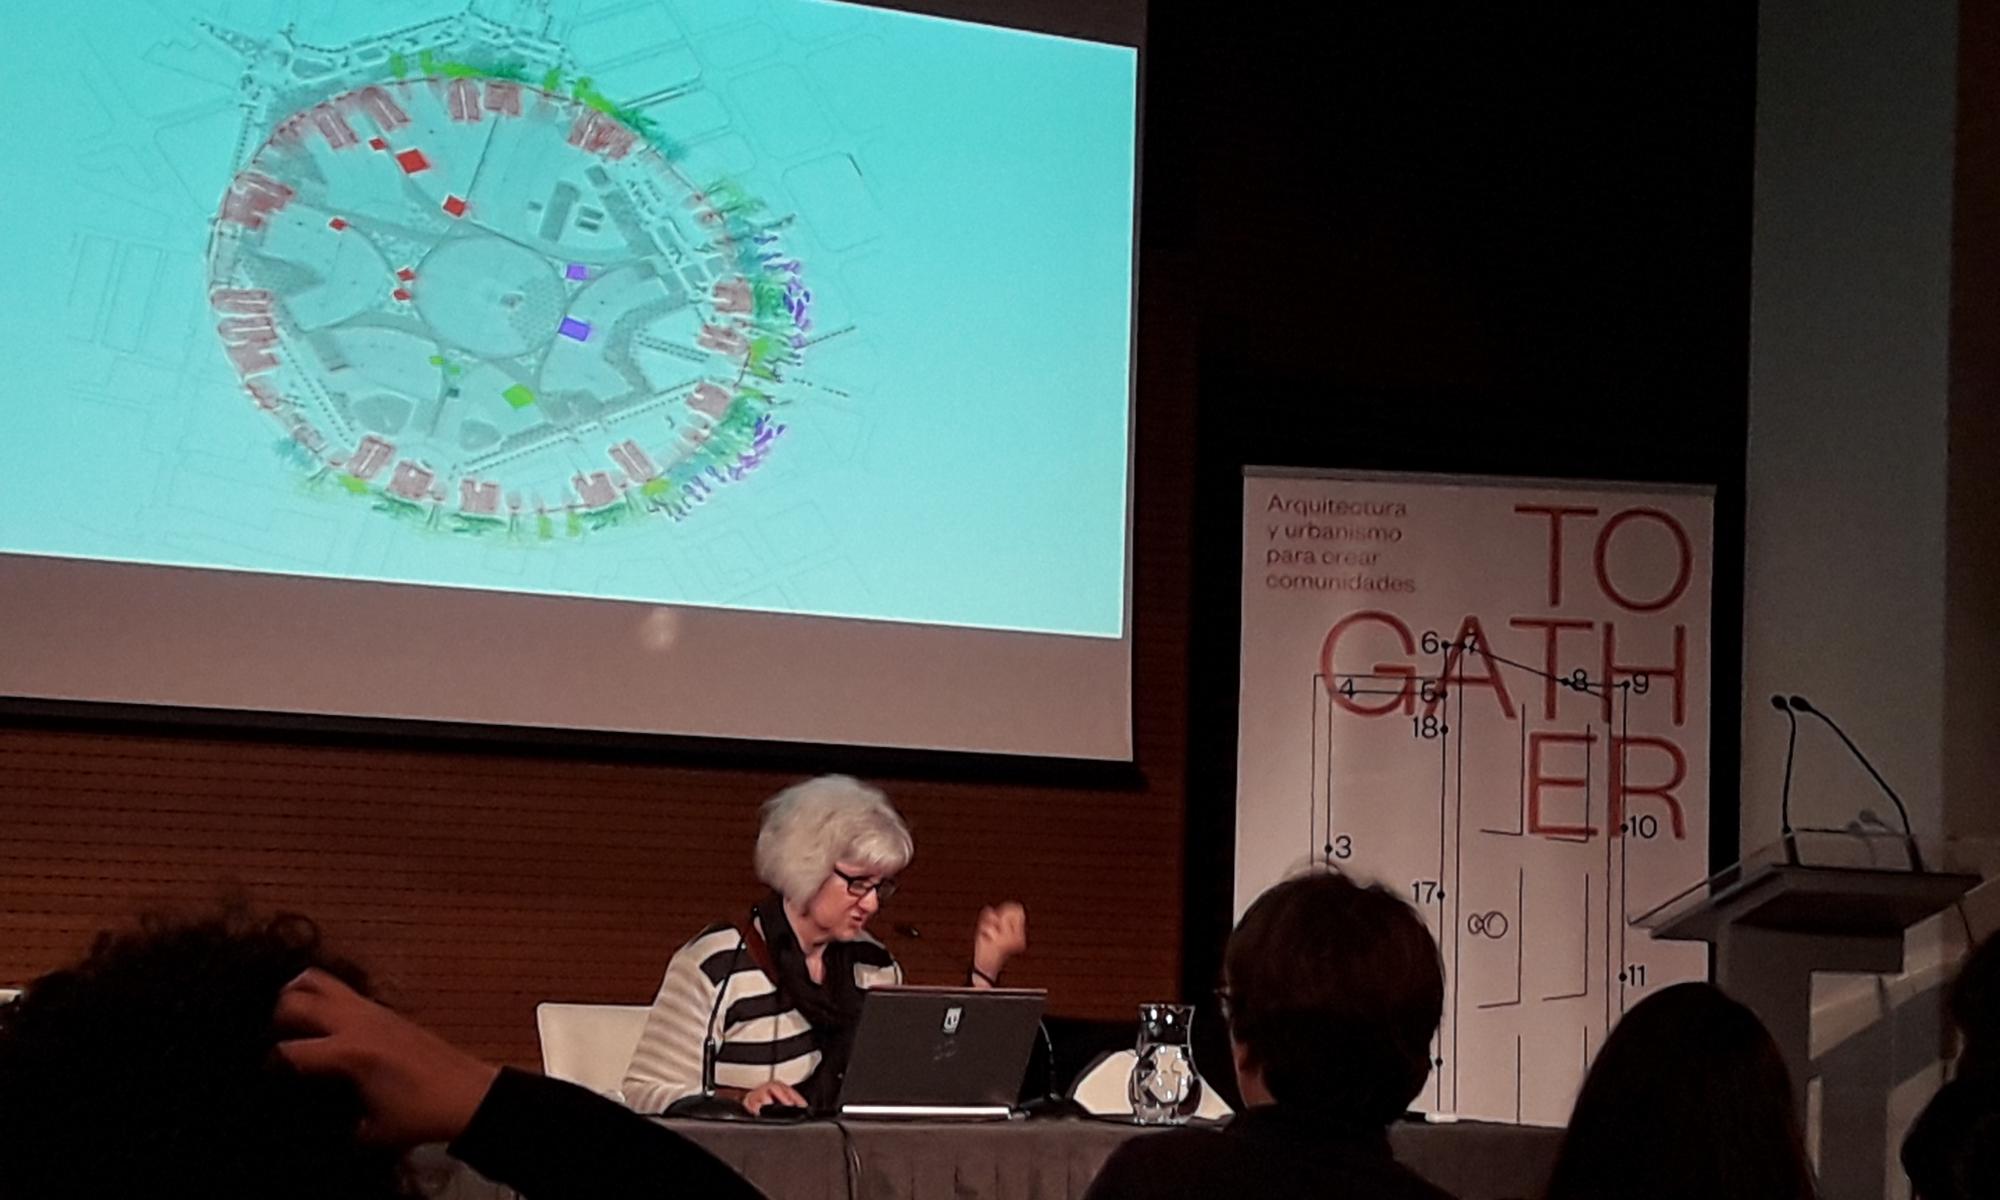 Imagen del seminario 'Juntarse' celebrado en Madrid los días 4,5 y 6 de marzo sobre urbanismo y soledades